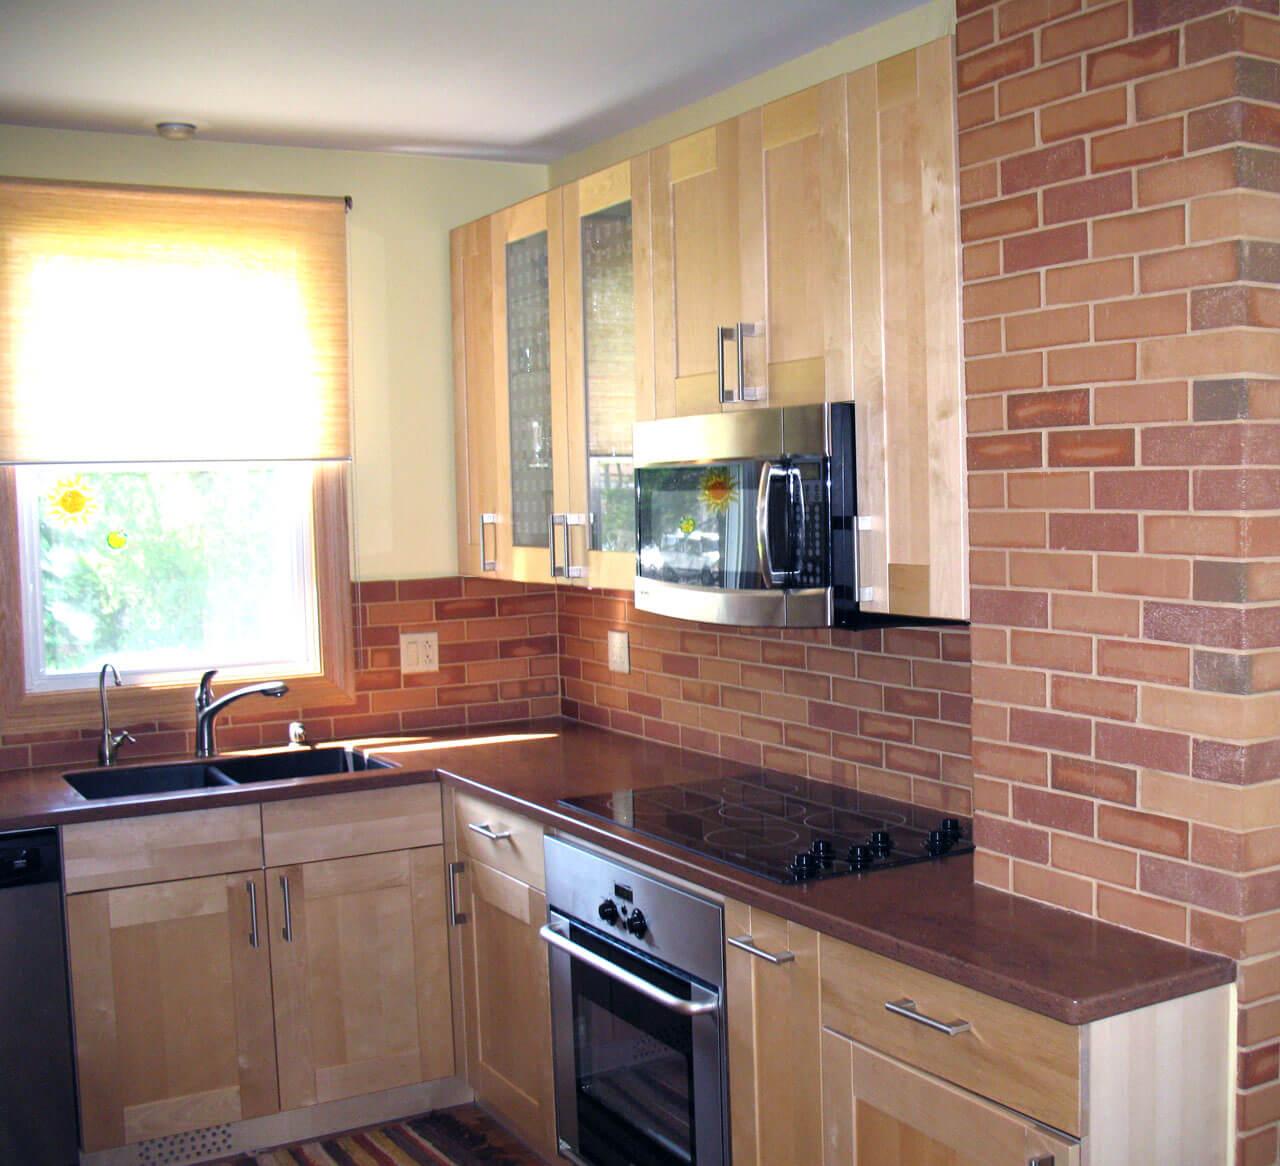 Brick floor tile gallery real brick wall tiles clay thin brick kitchen walls dailygadgetfo Choice Image